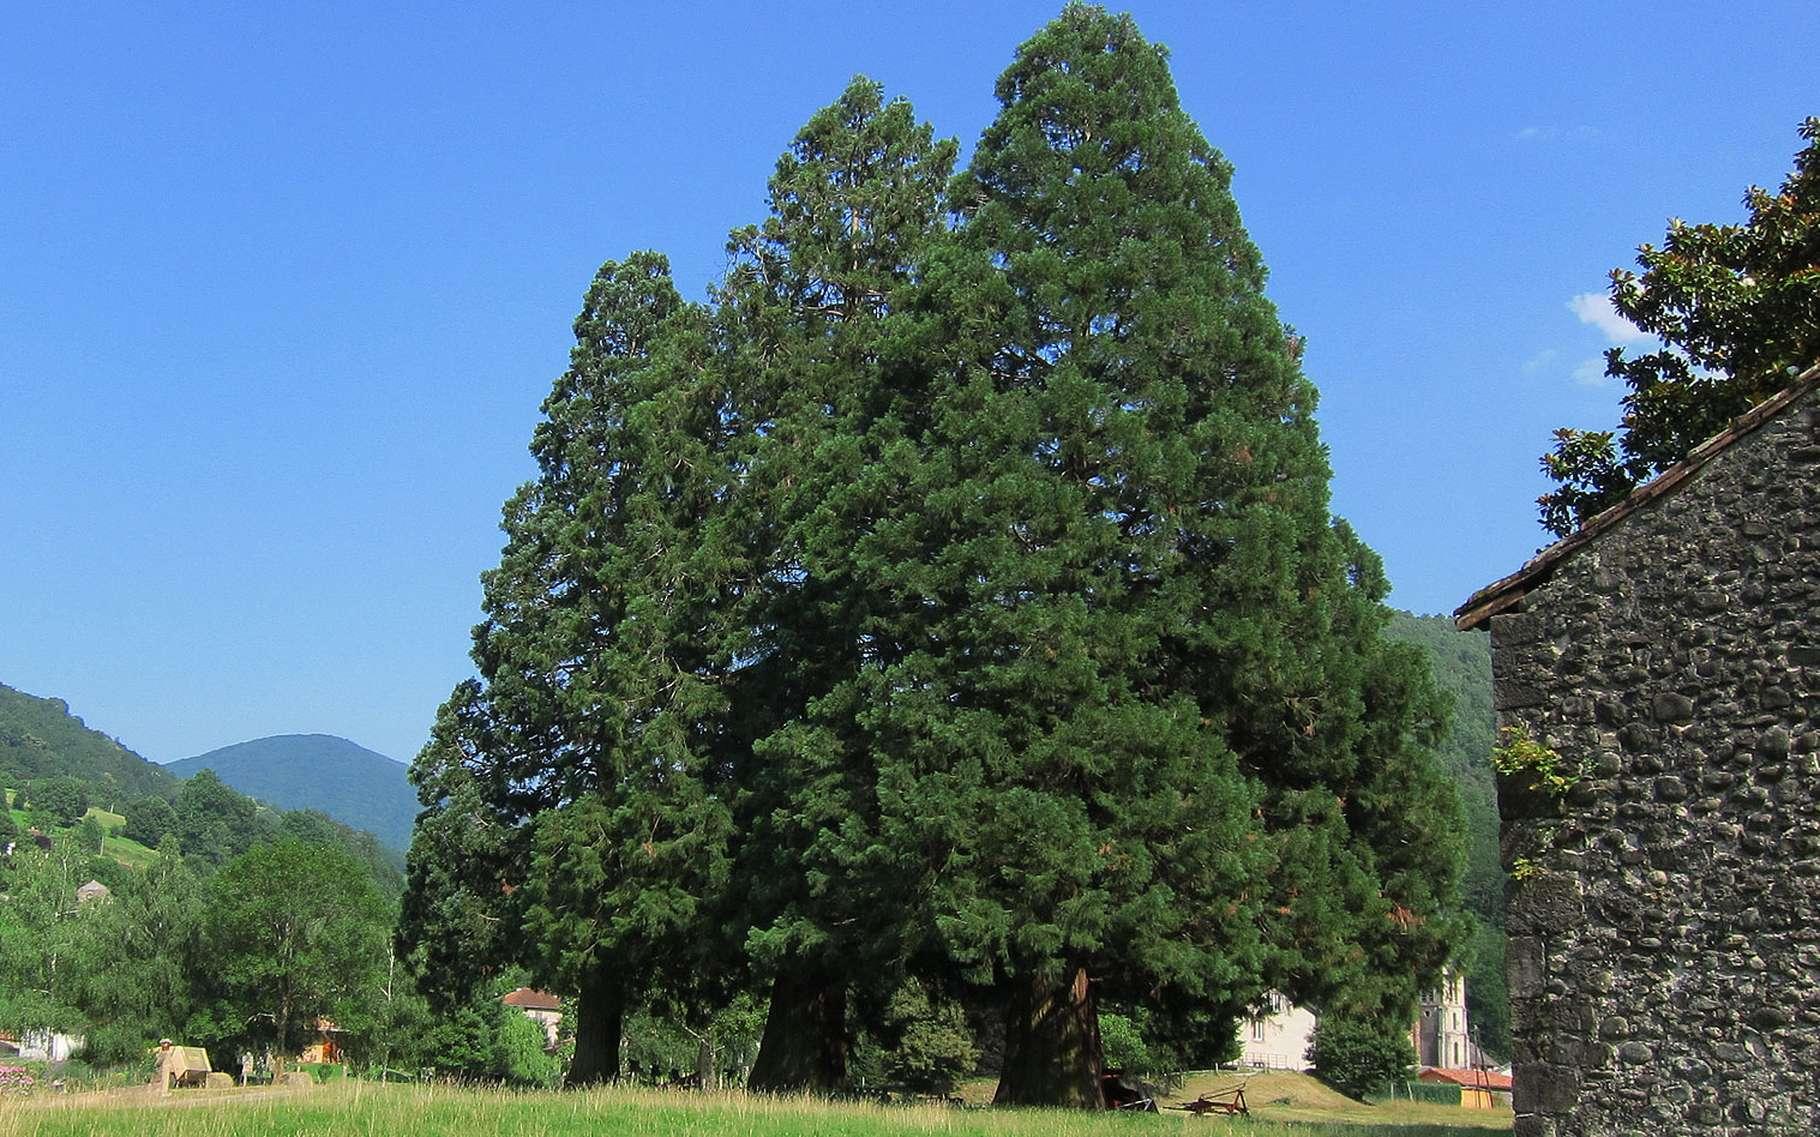 Les séquoias sont les géants de la forêt tempérée, ici dans le Parc national de Séquoia en Californie. © Paul Rudenko, domaine public